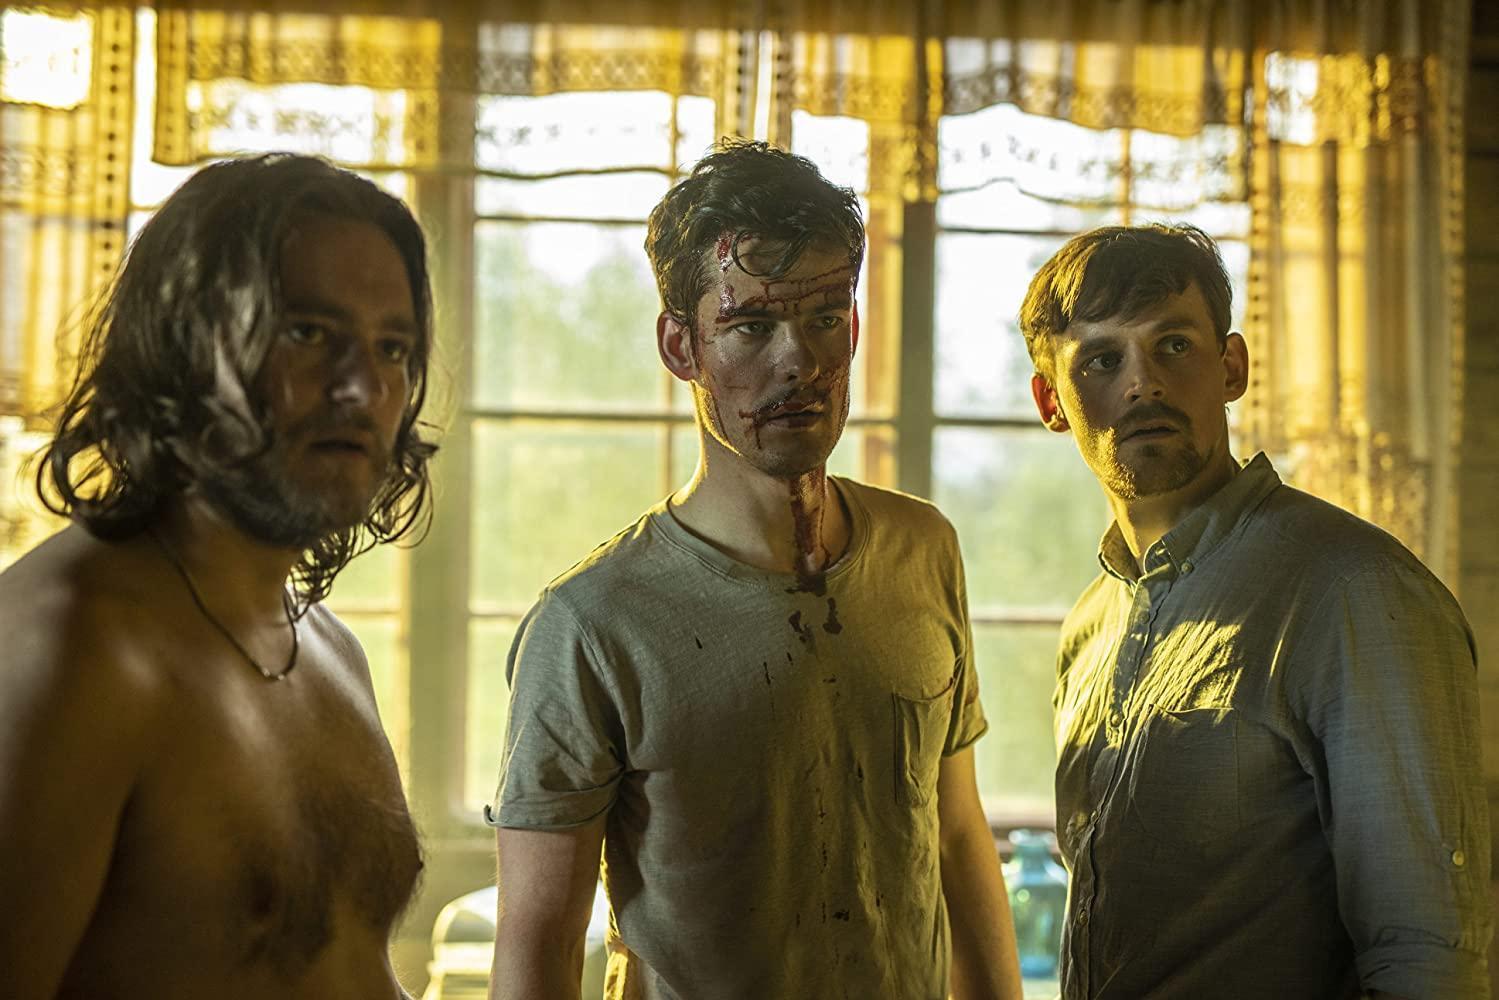 Bloodride: Tres hermanos desquiciados (TV) (2020) - Filmaffinity